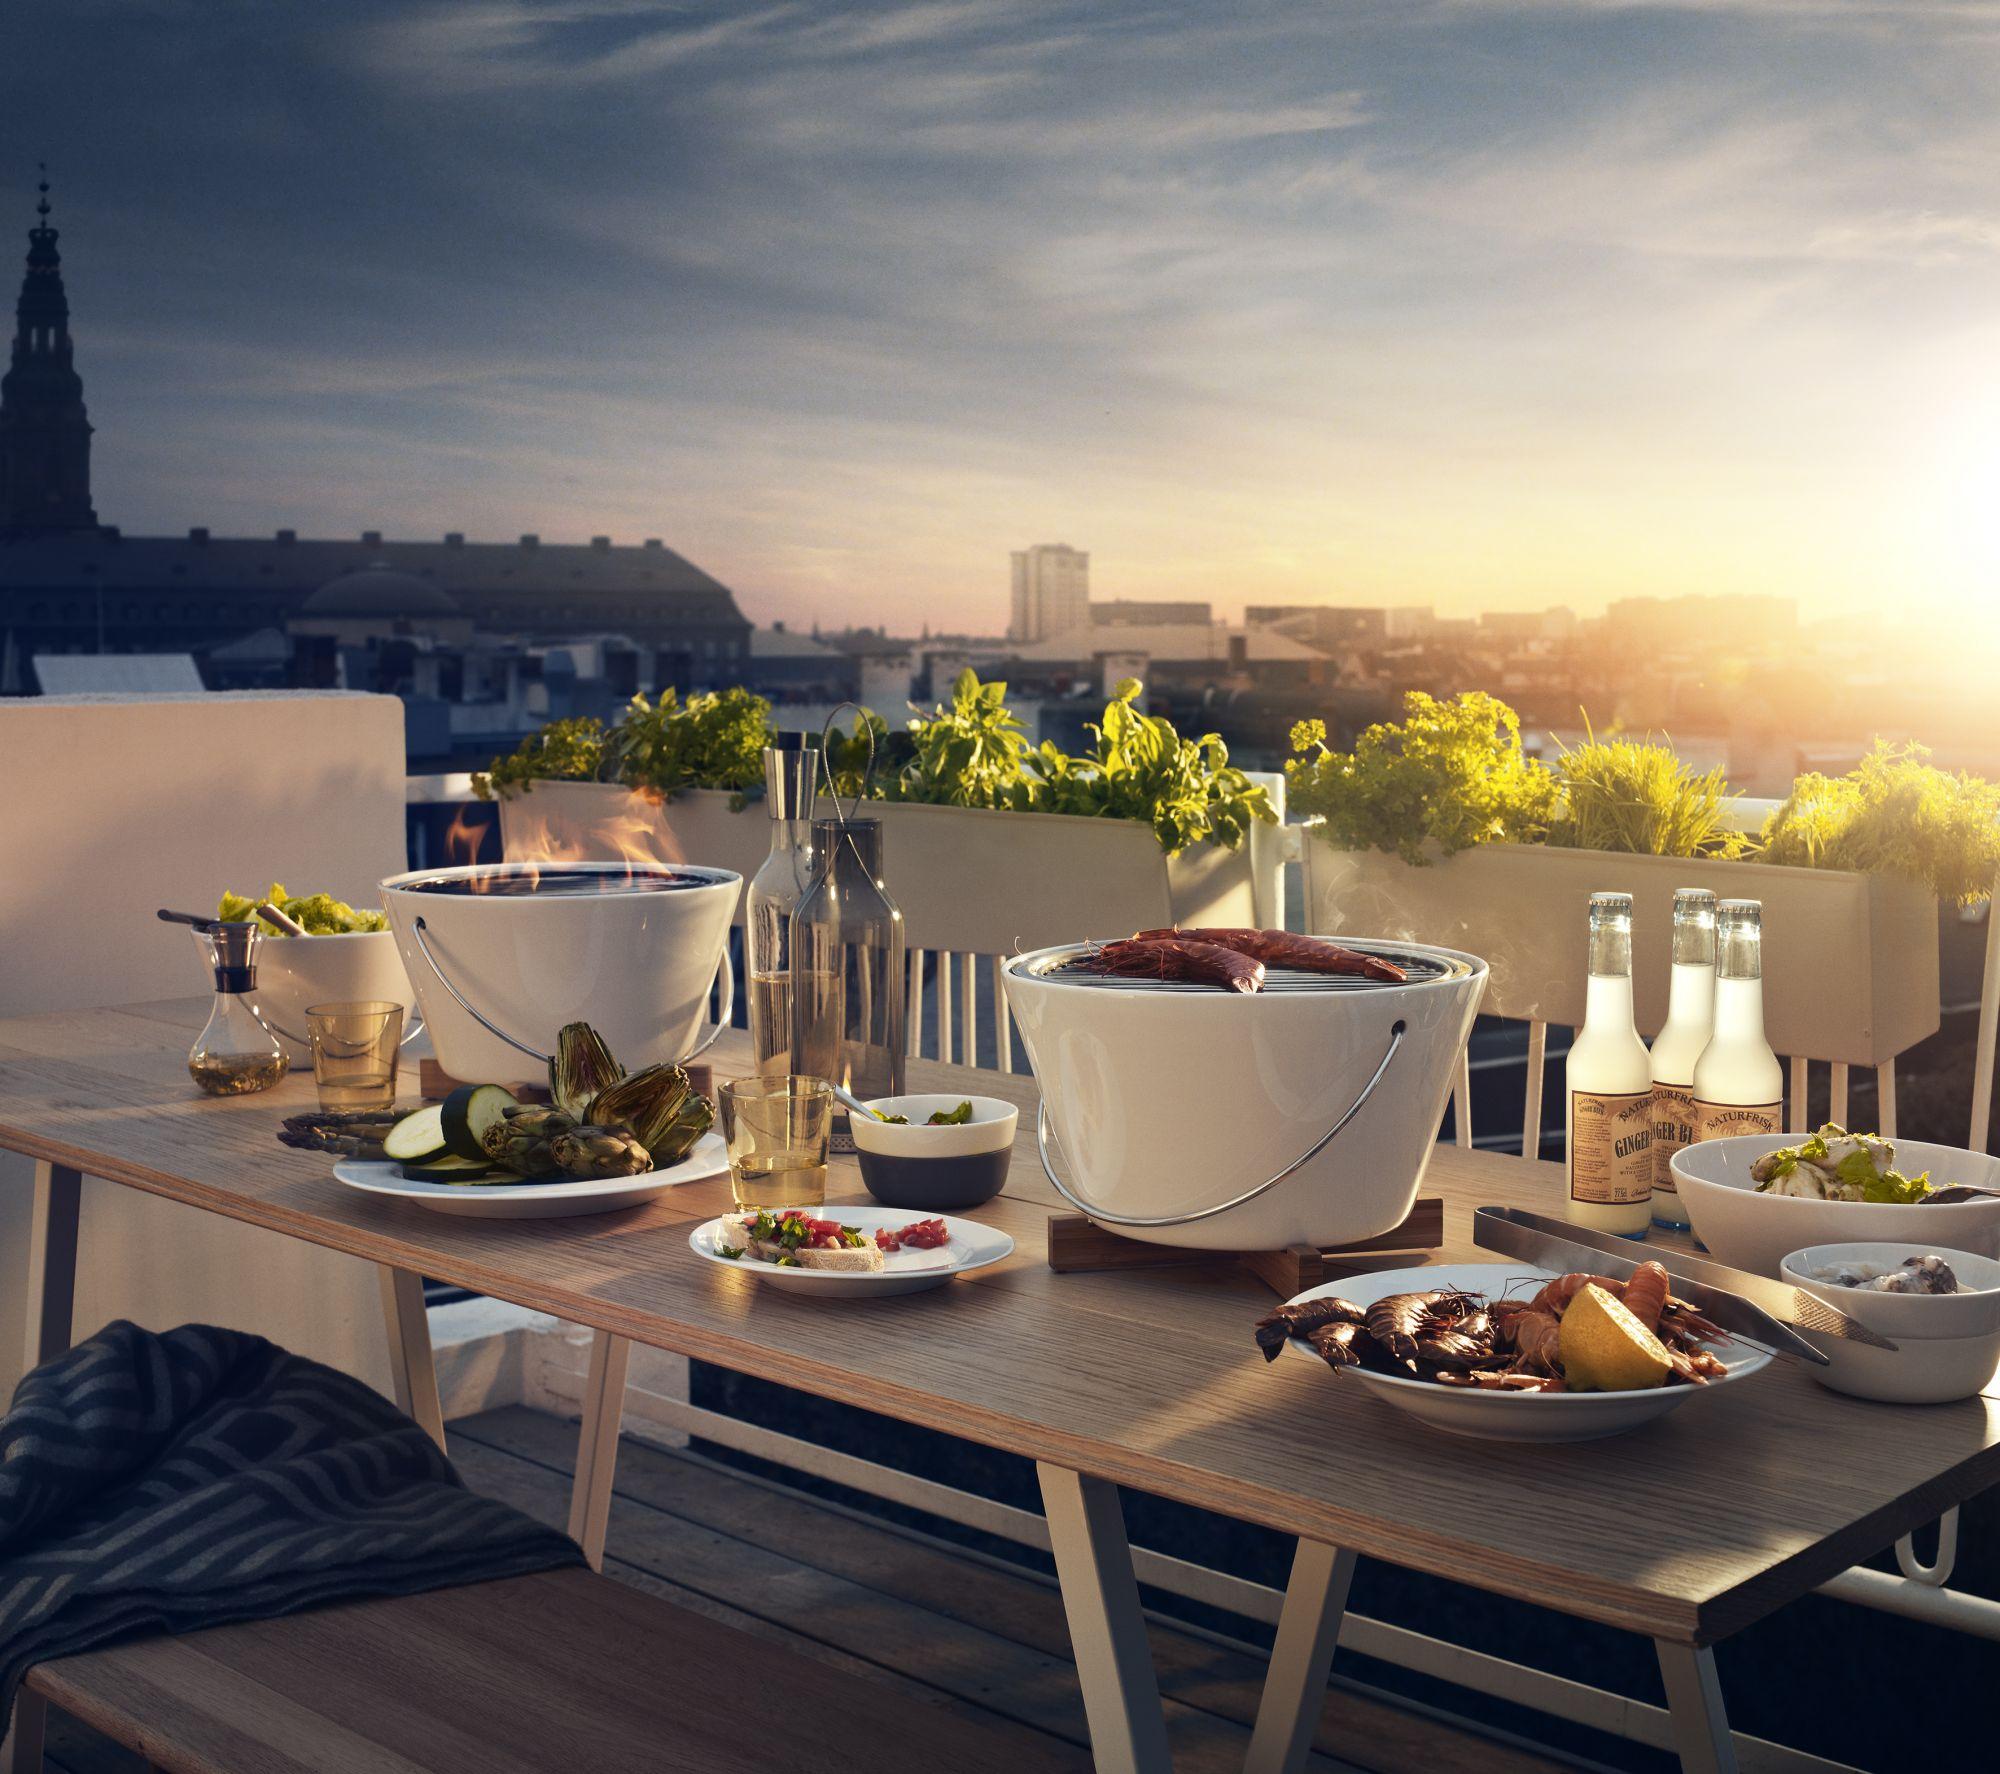 「烤肉爐界網紅」線條時尚具美感!丹麥、美國大使館都在用